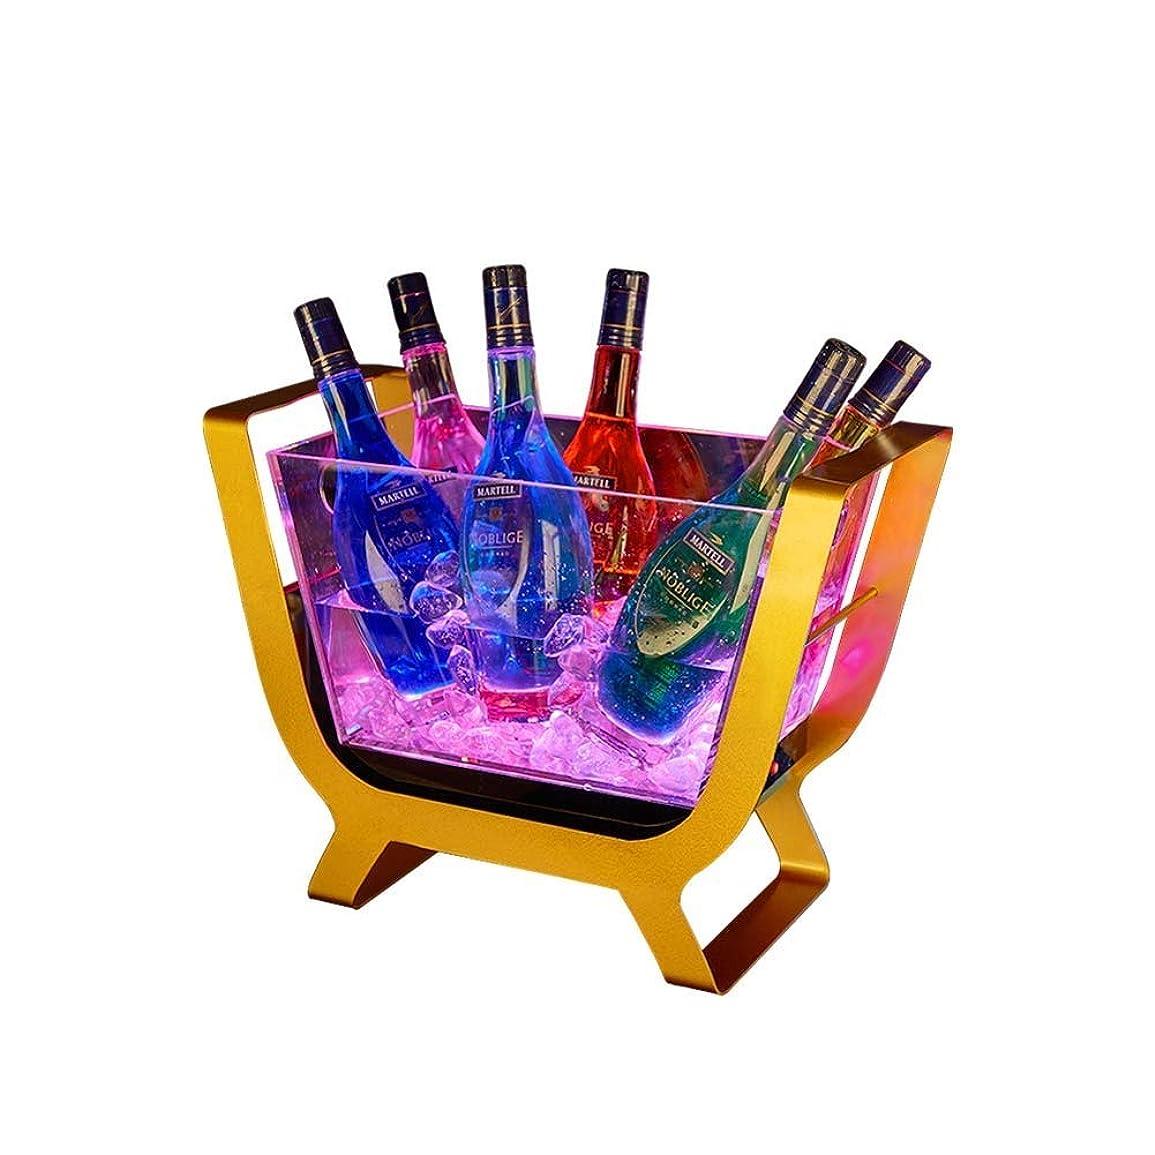 見落とす縫い目試みるLEDライトアイスペール、バーパーティーアイスペール充電透明アクリル冷却バケット用大容量シャンパンバレル (色 : Ice bucket*2)